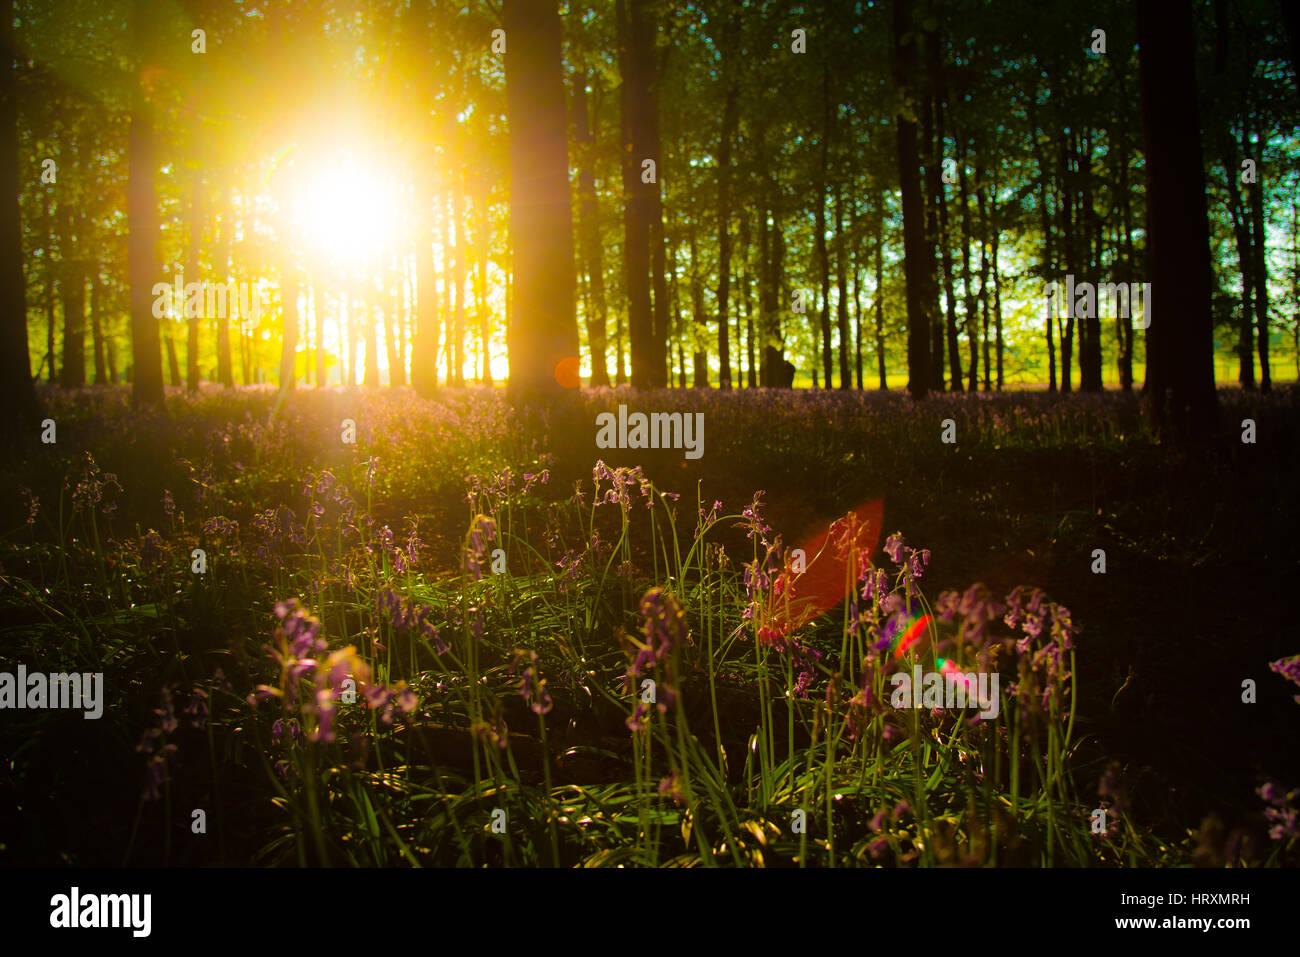 Natural landscapes - Stock Image